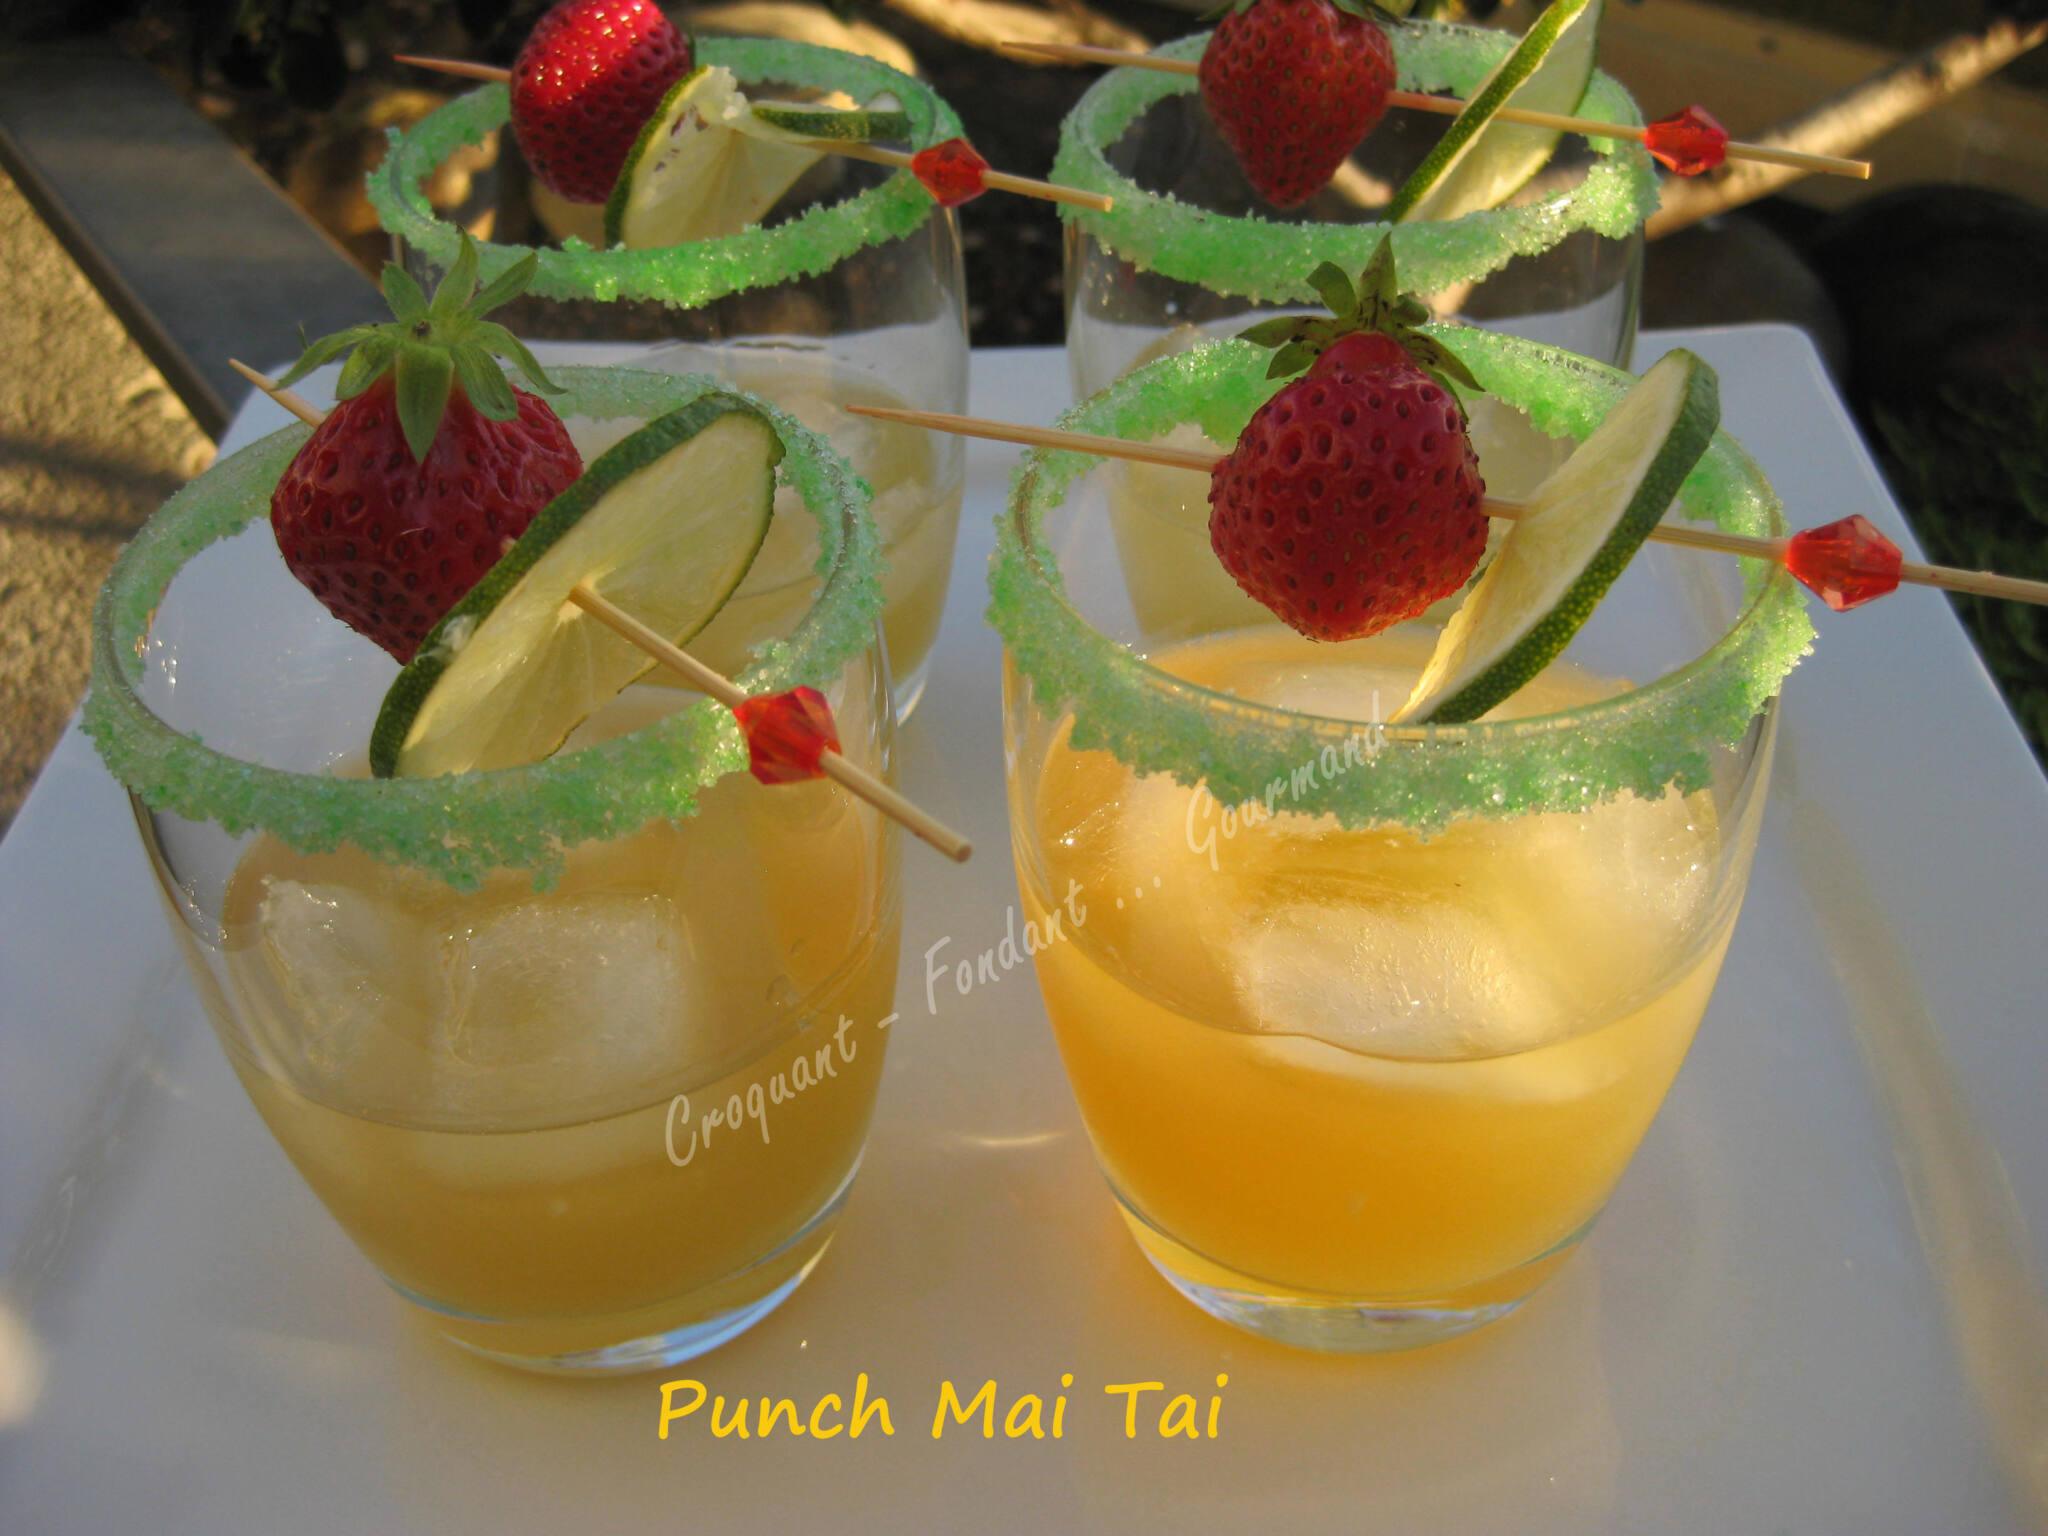 Punch Mai Tai à ma façon.